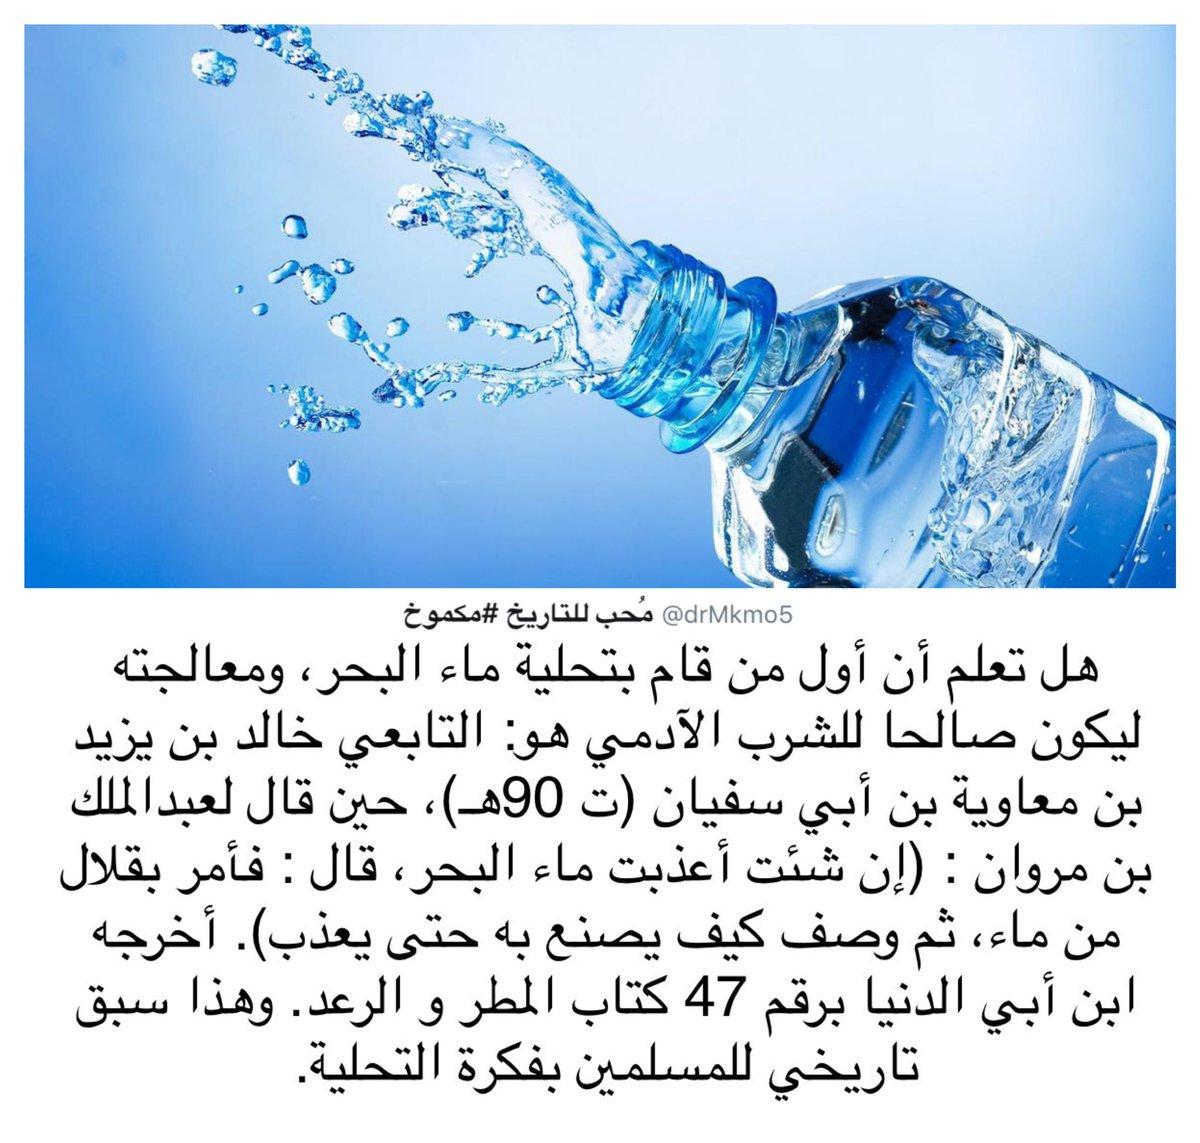 صورة هل تعلم عن الماء , تعرف على فائدة الماء